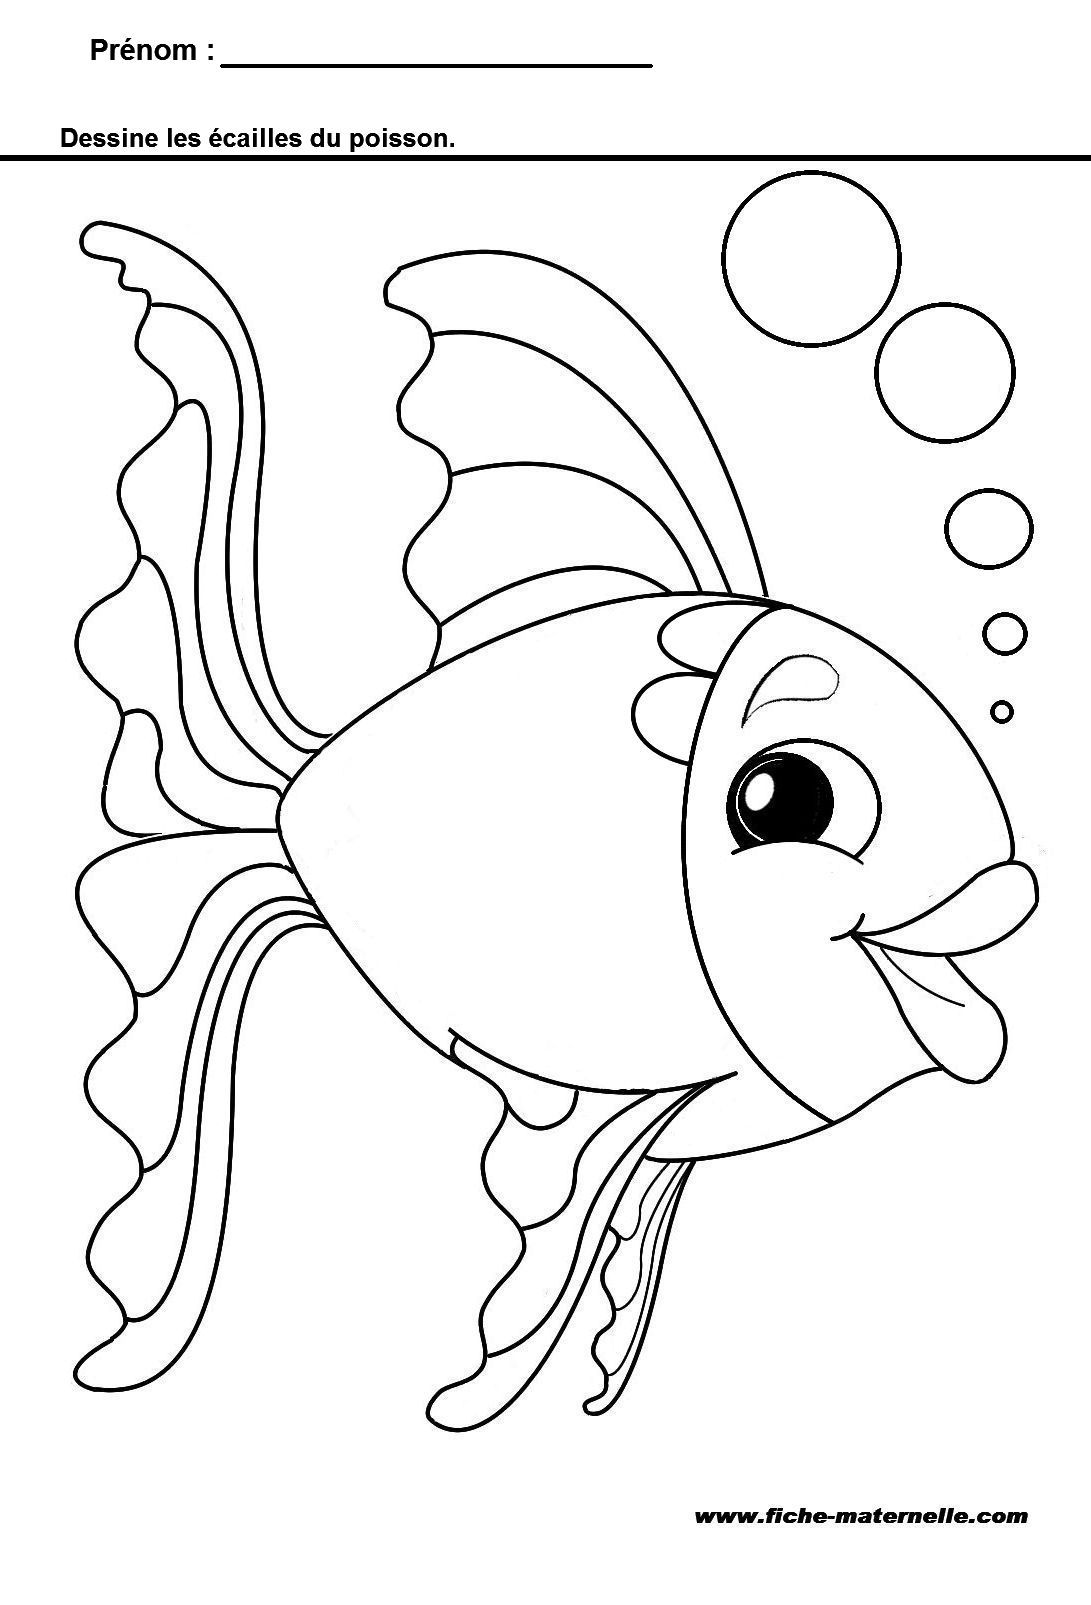 Apprendre  tracer des ponts les écailles du poisson Coloriage